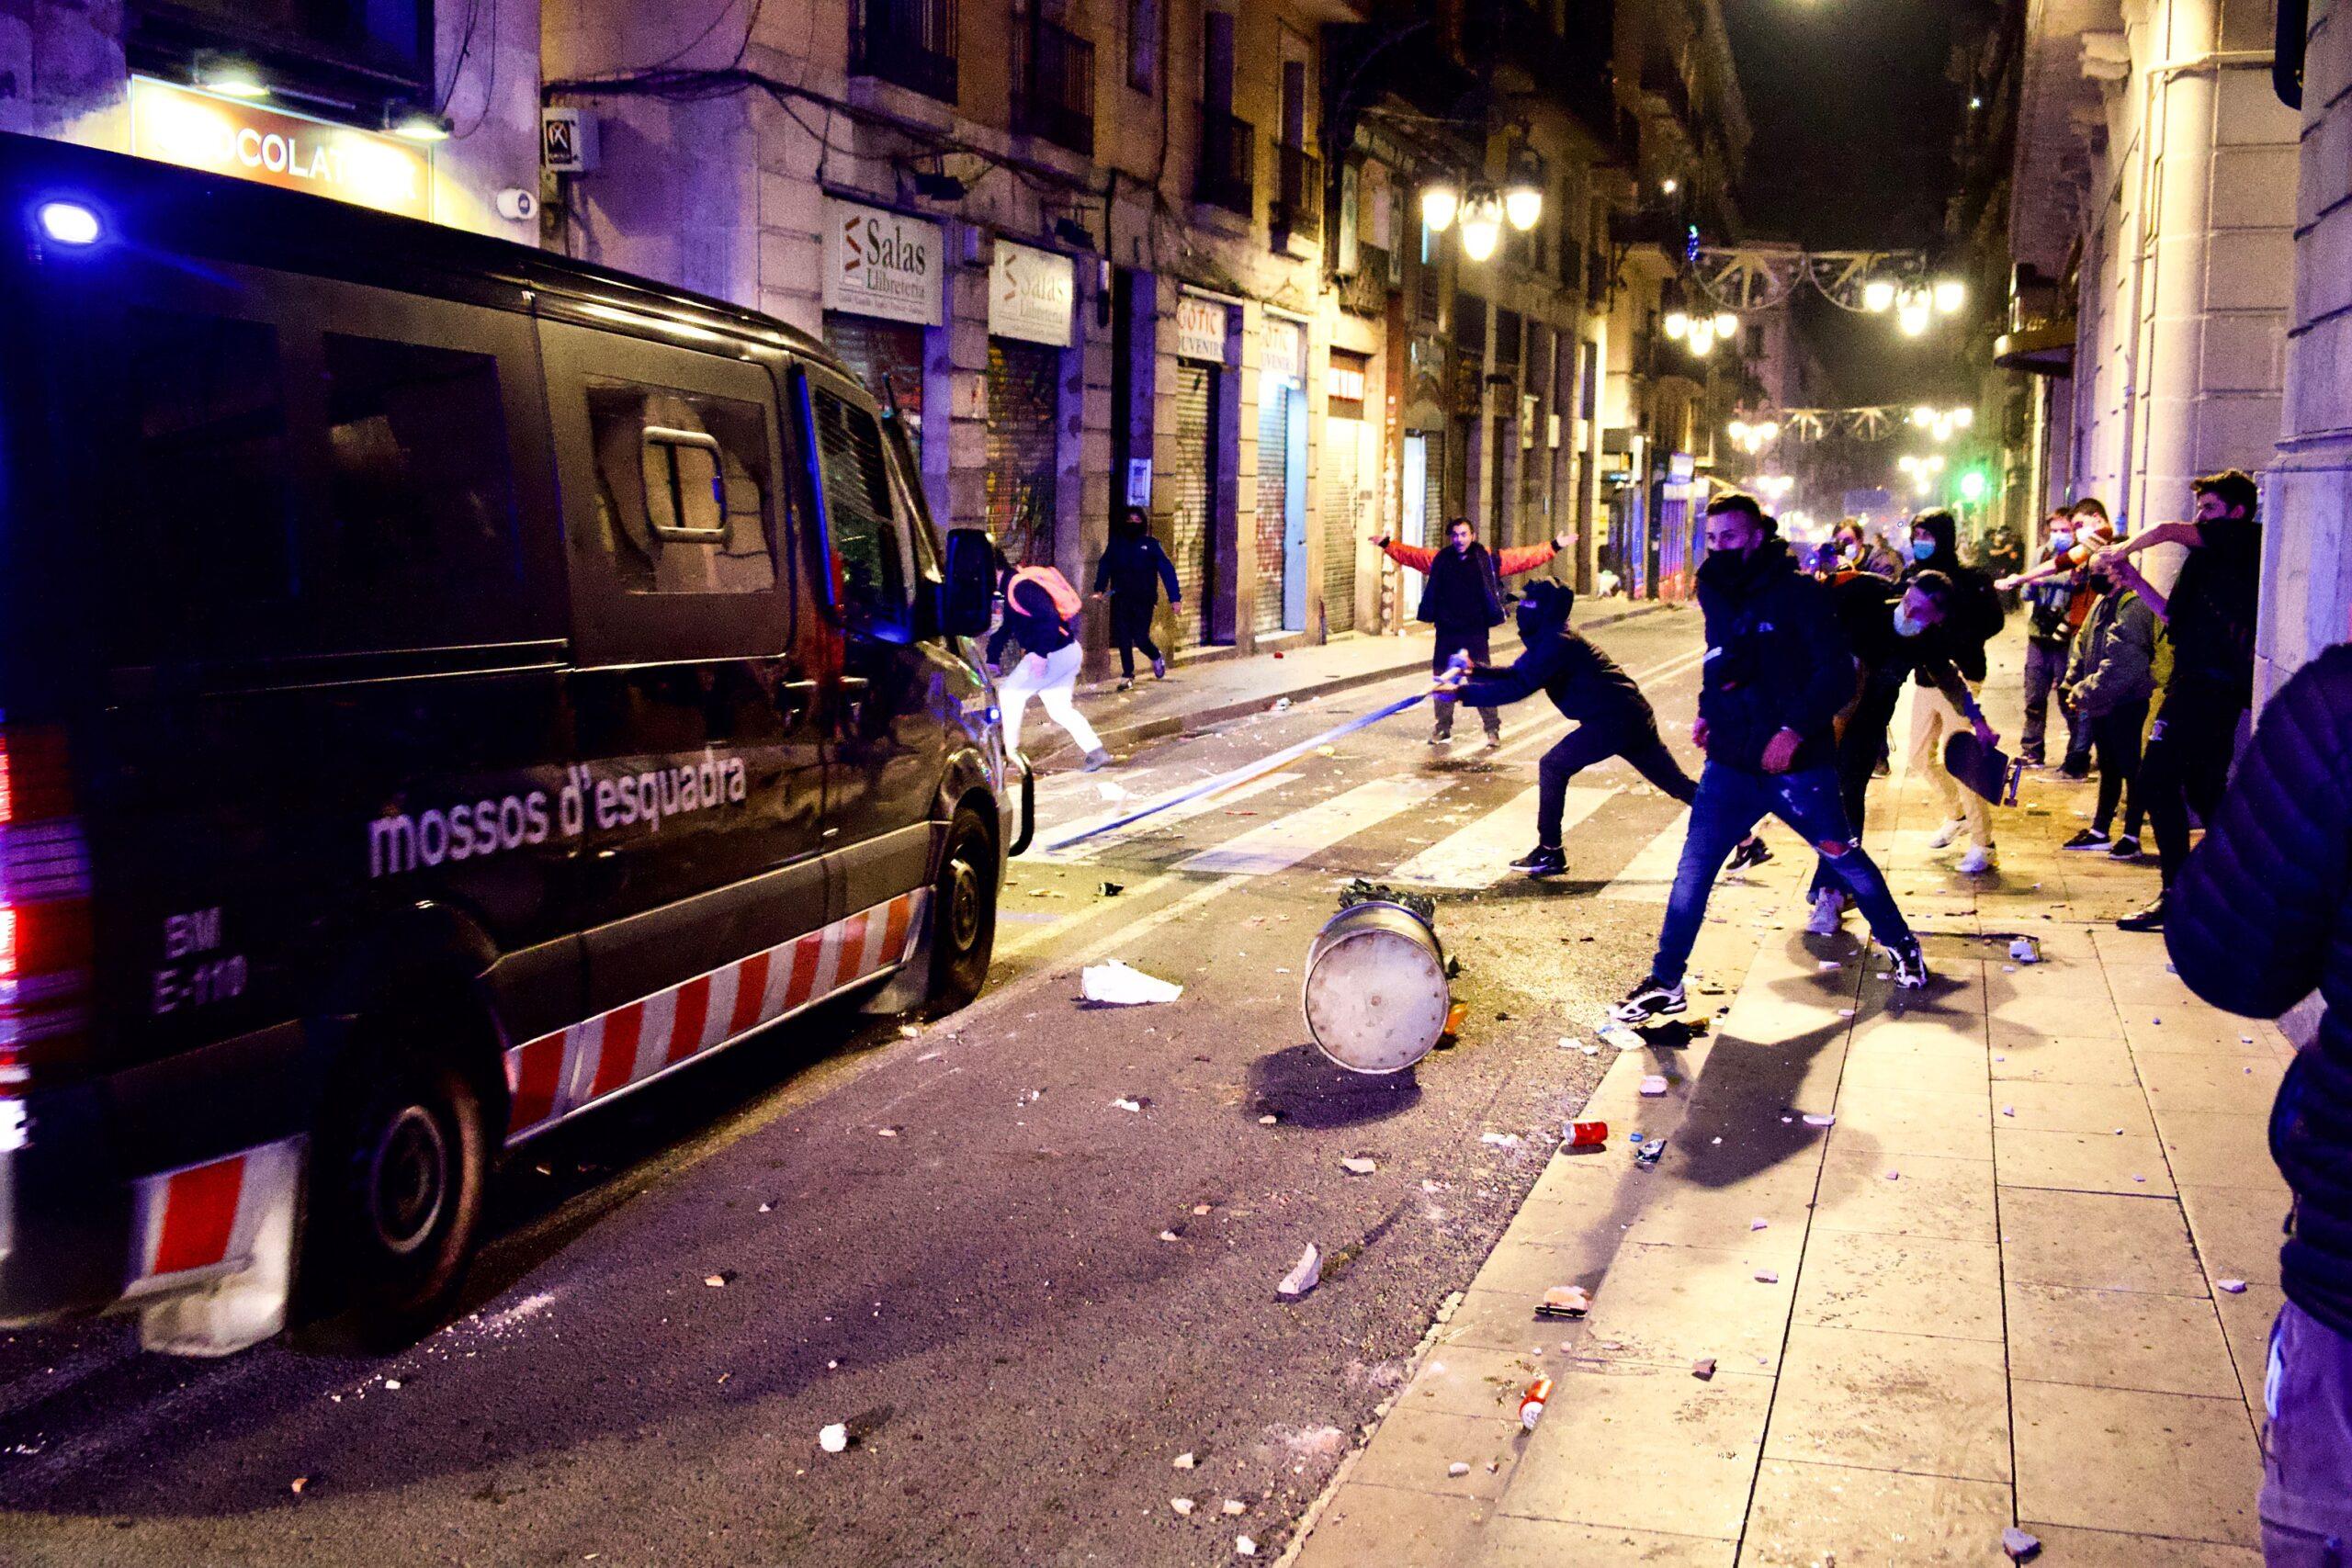 Llançament d'objectes contra una furgoneta policial / Jordi Play